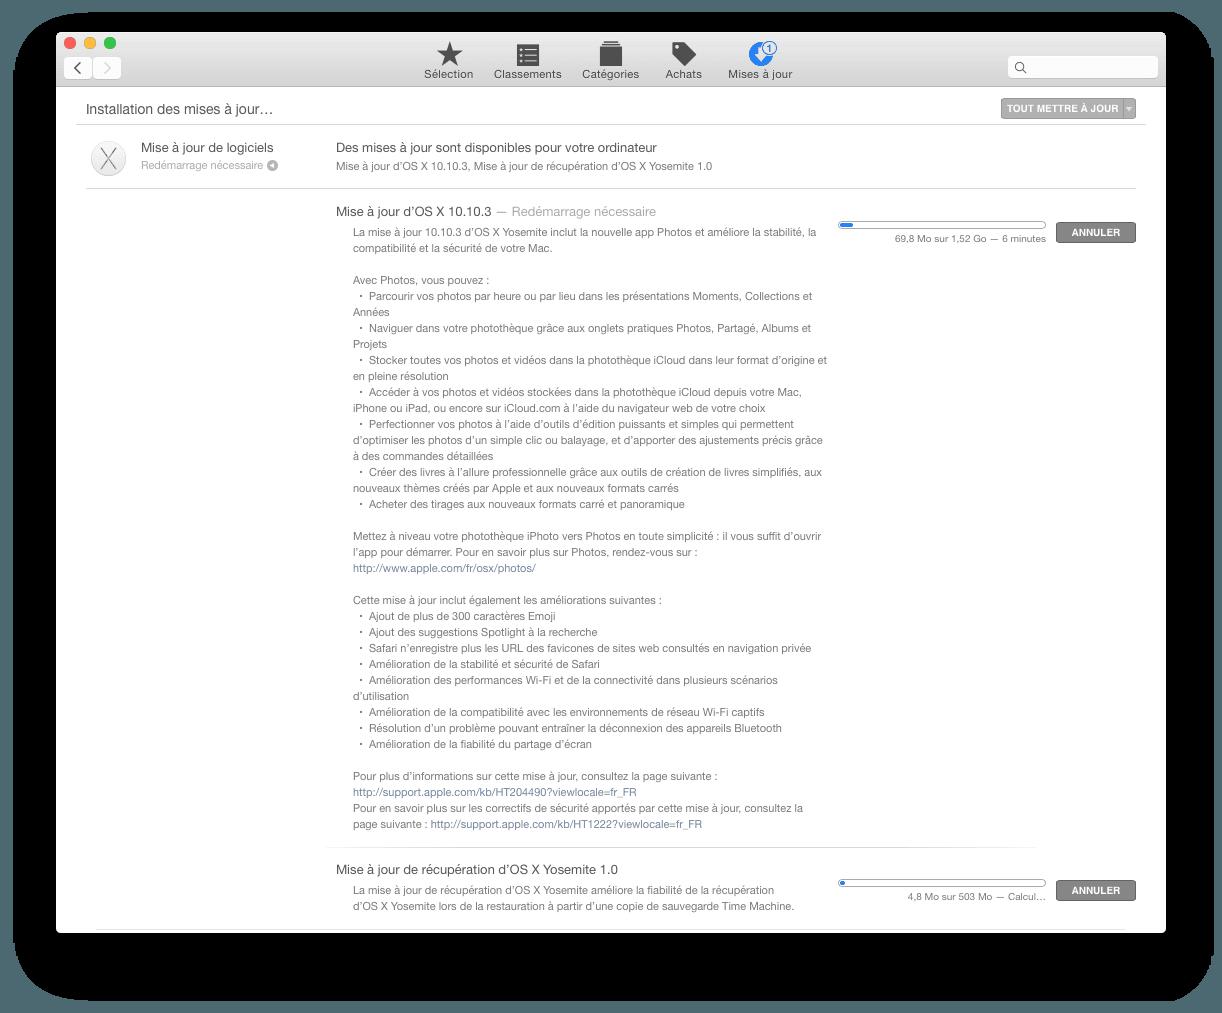 Nueva actualización de Mac OS X Yosemite 10.10.3